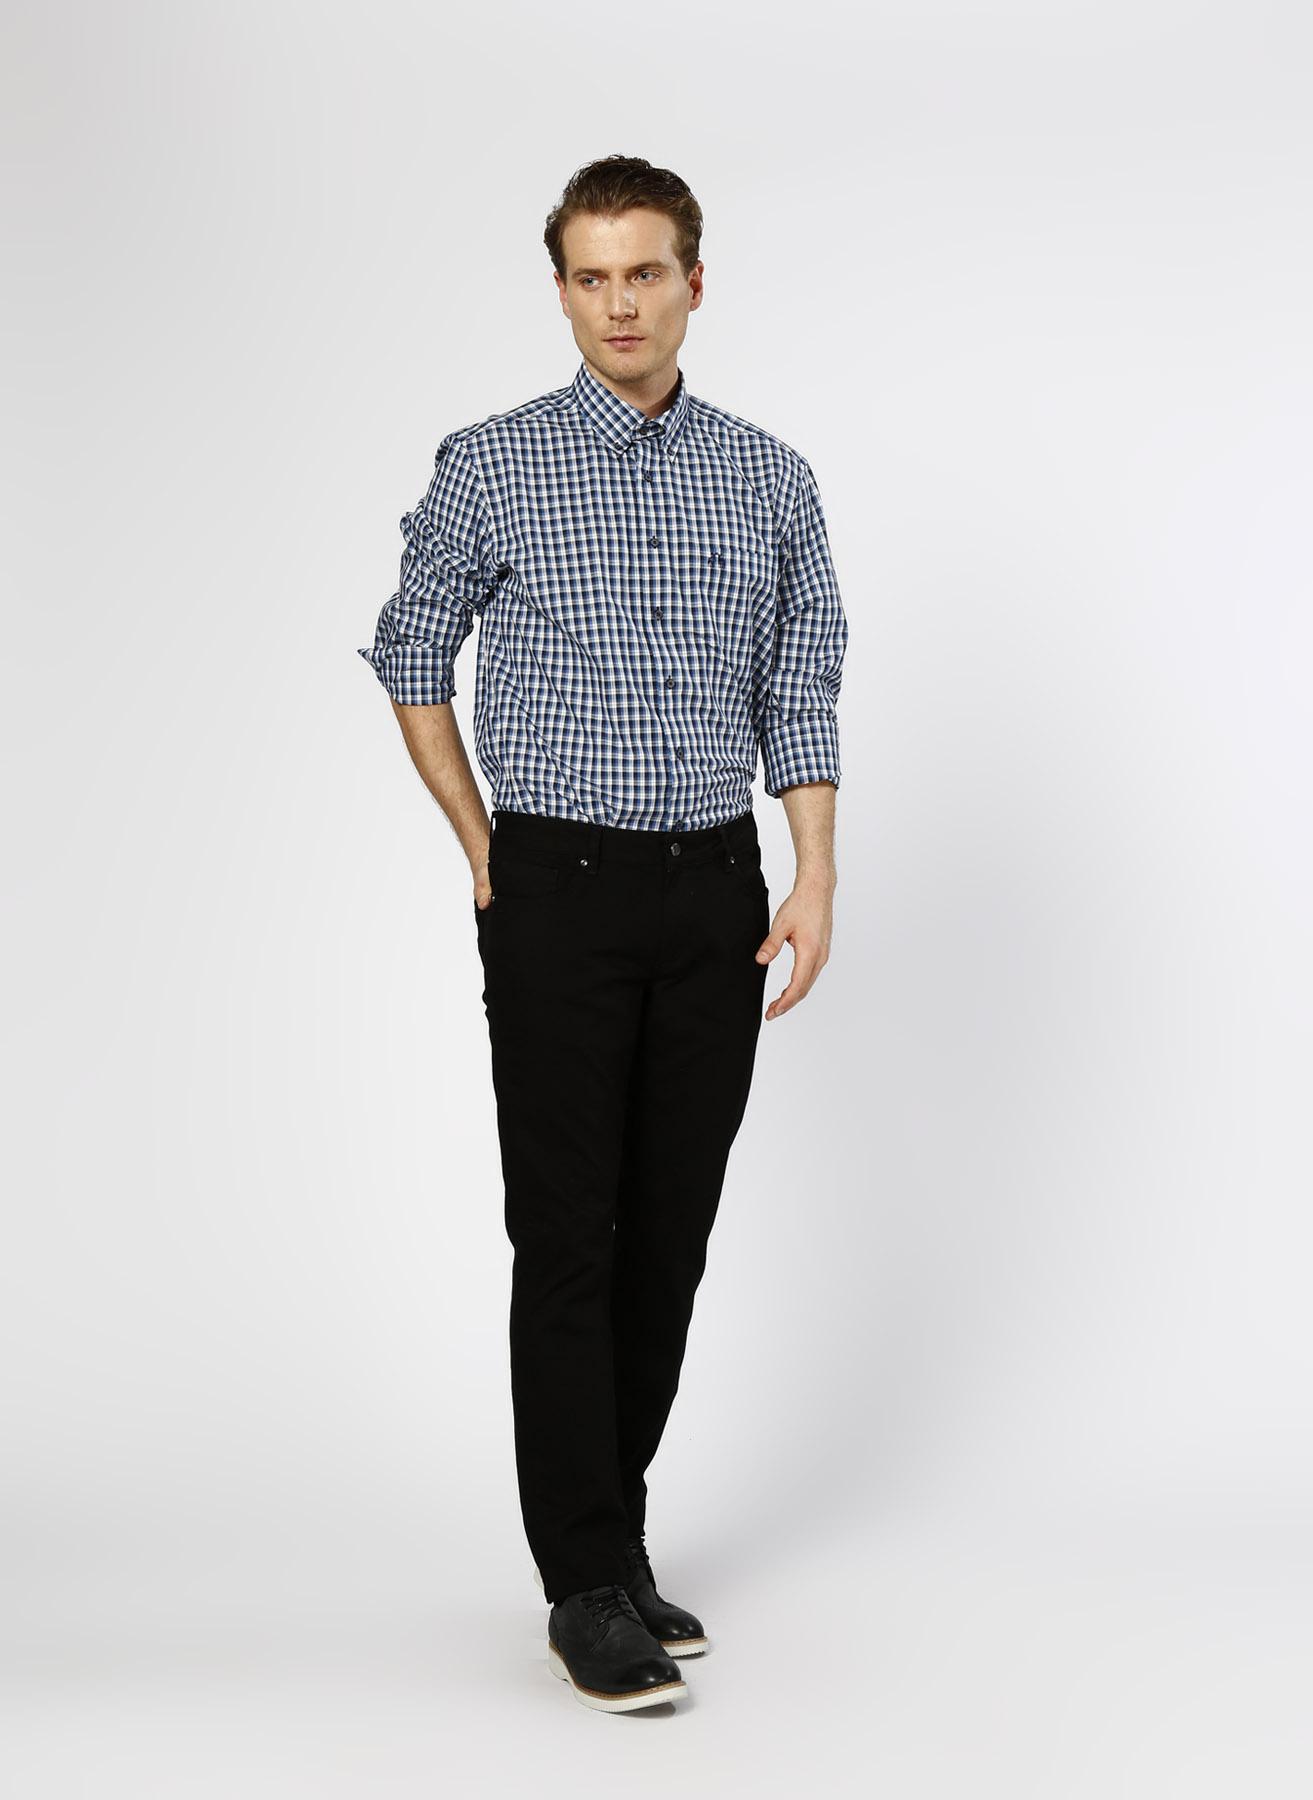 George Hogg Siyah Casual Klasik Pantolon 31-33 5000204014004 Ürün Resmi